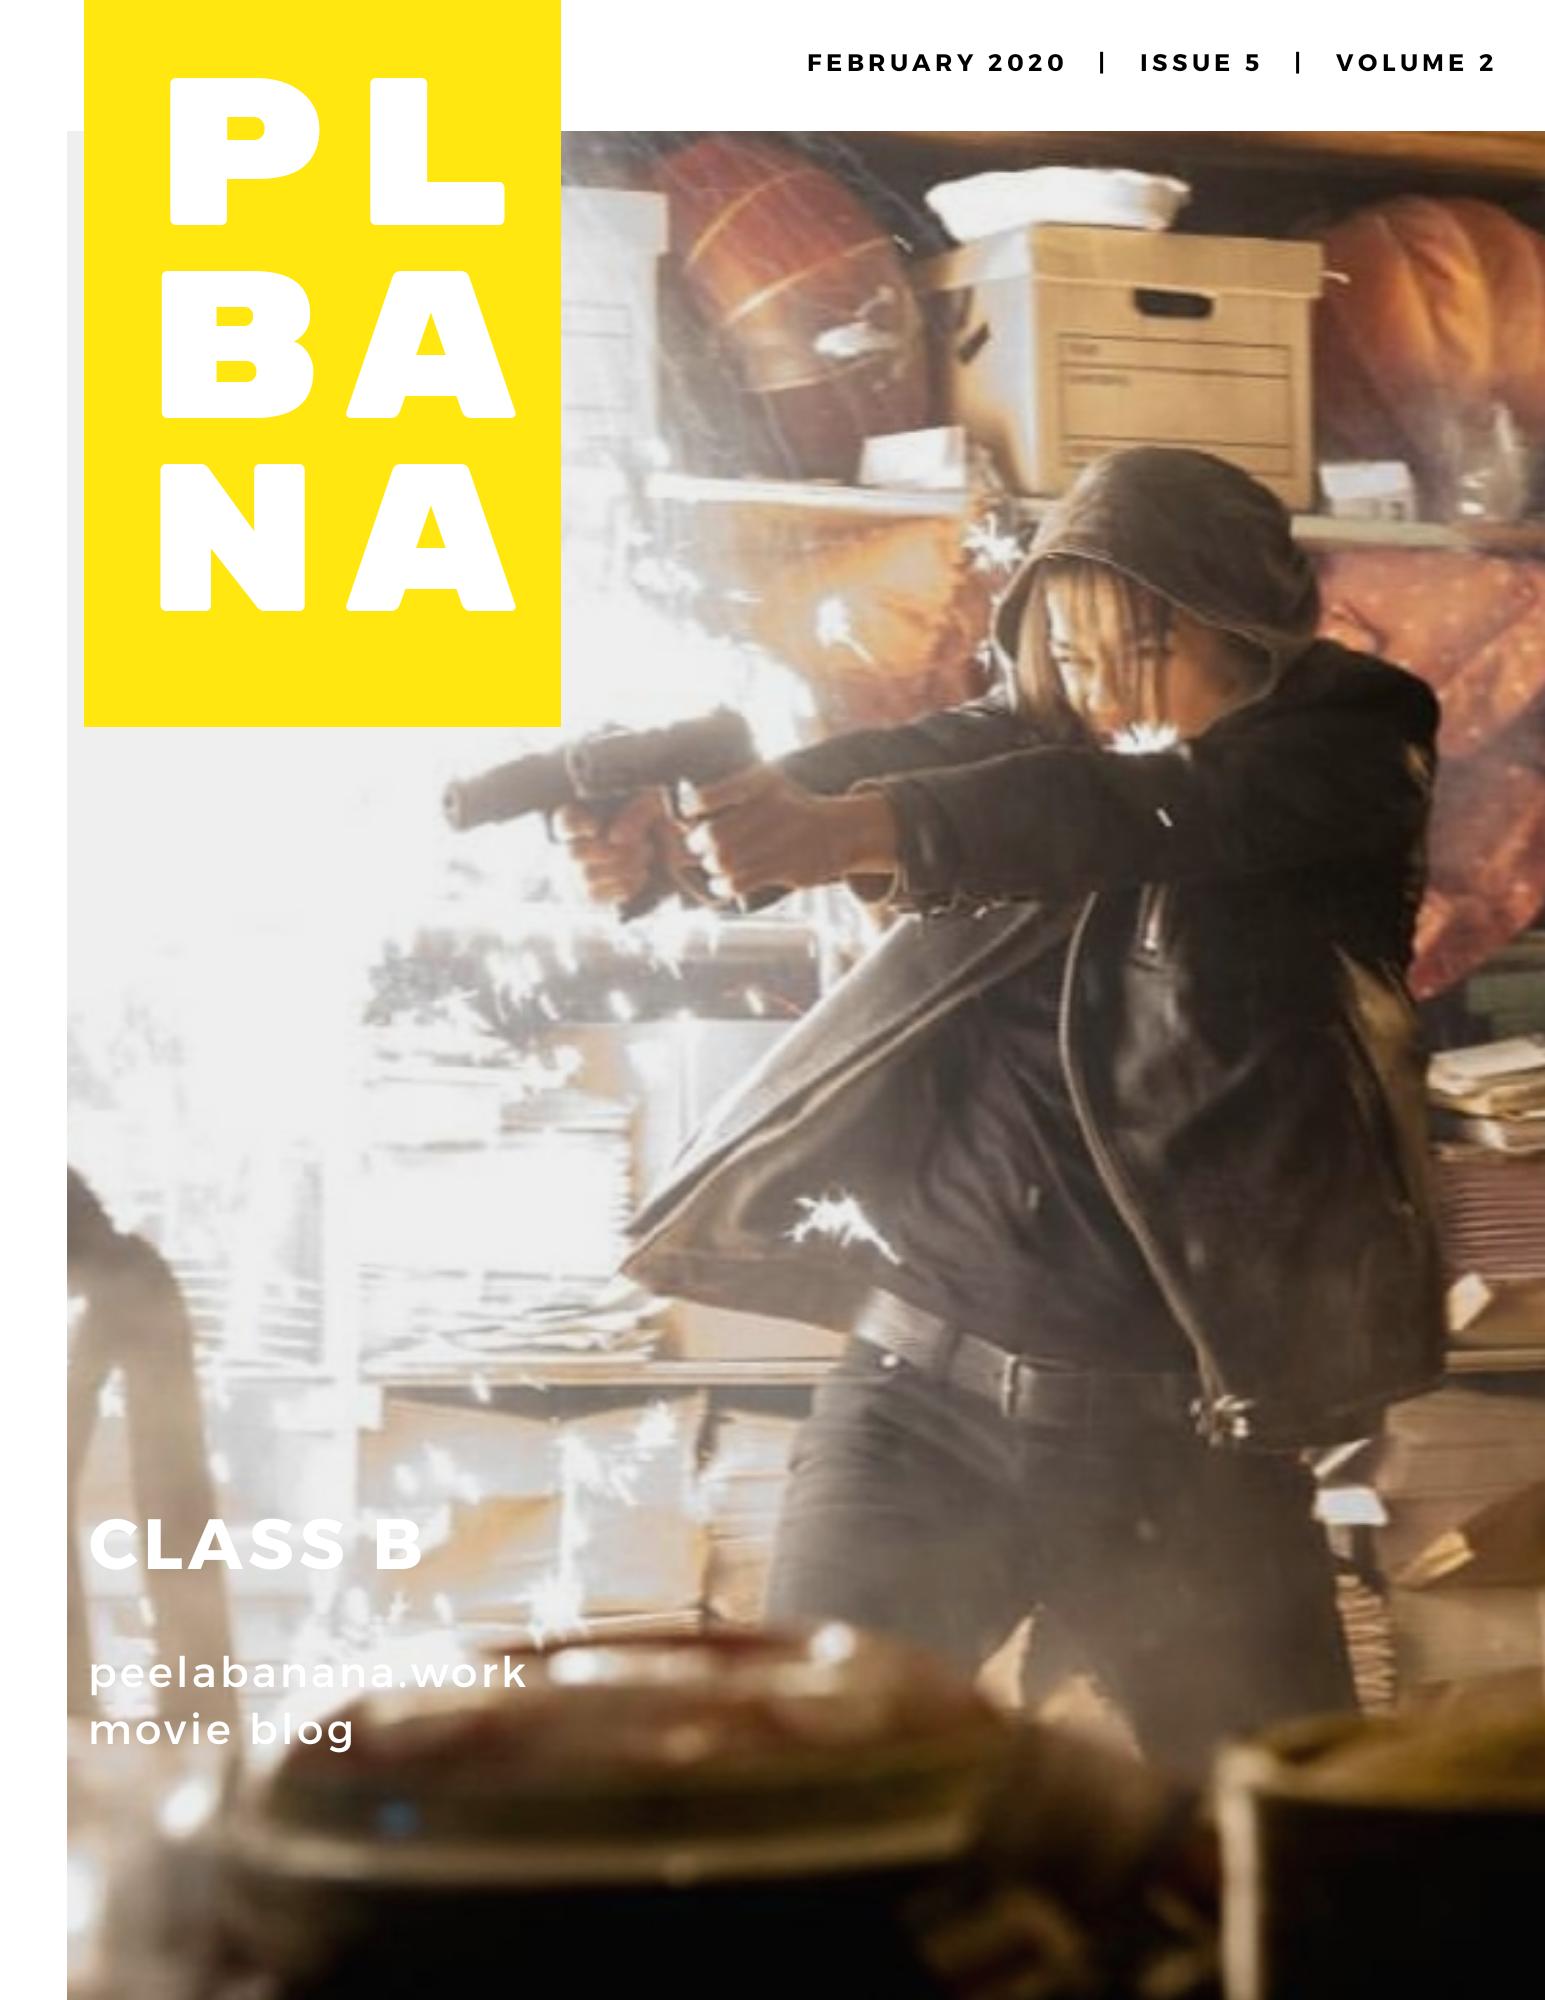 【B級炸裂!】Amazonプライムで見なくてもいいおすすめ映画